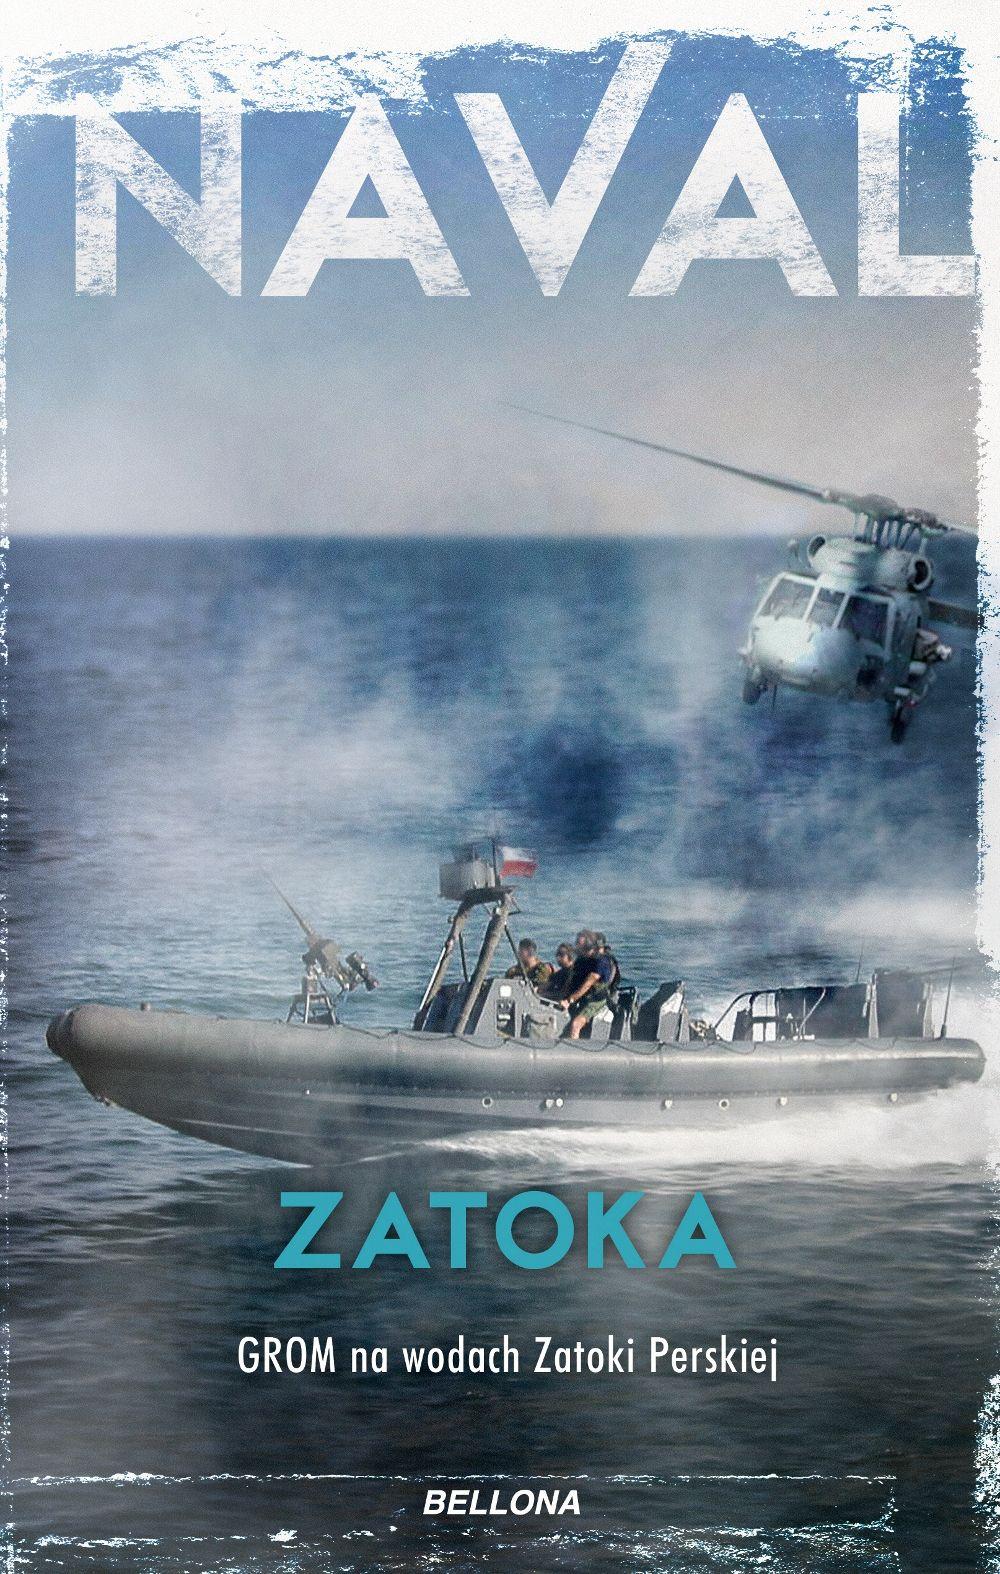 Zatoka - Naval